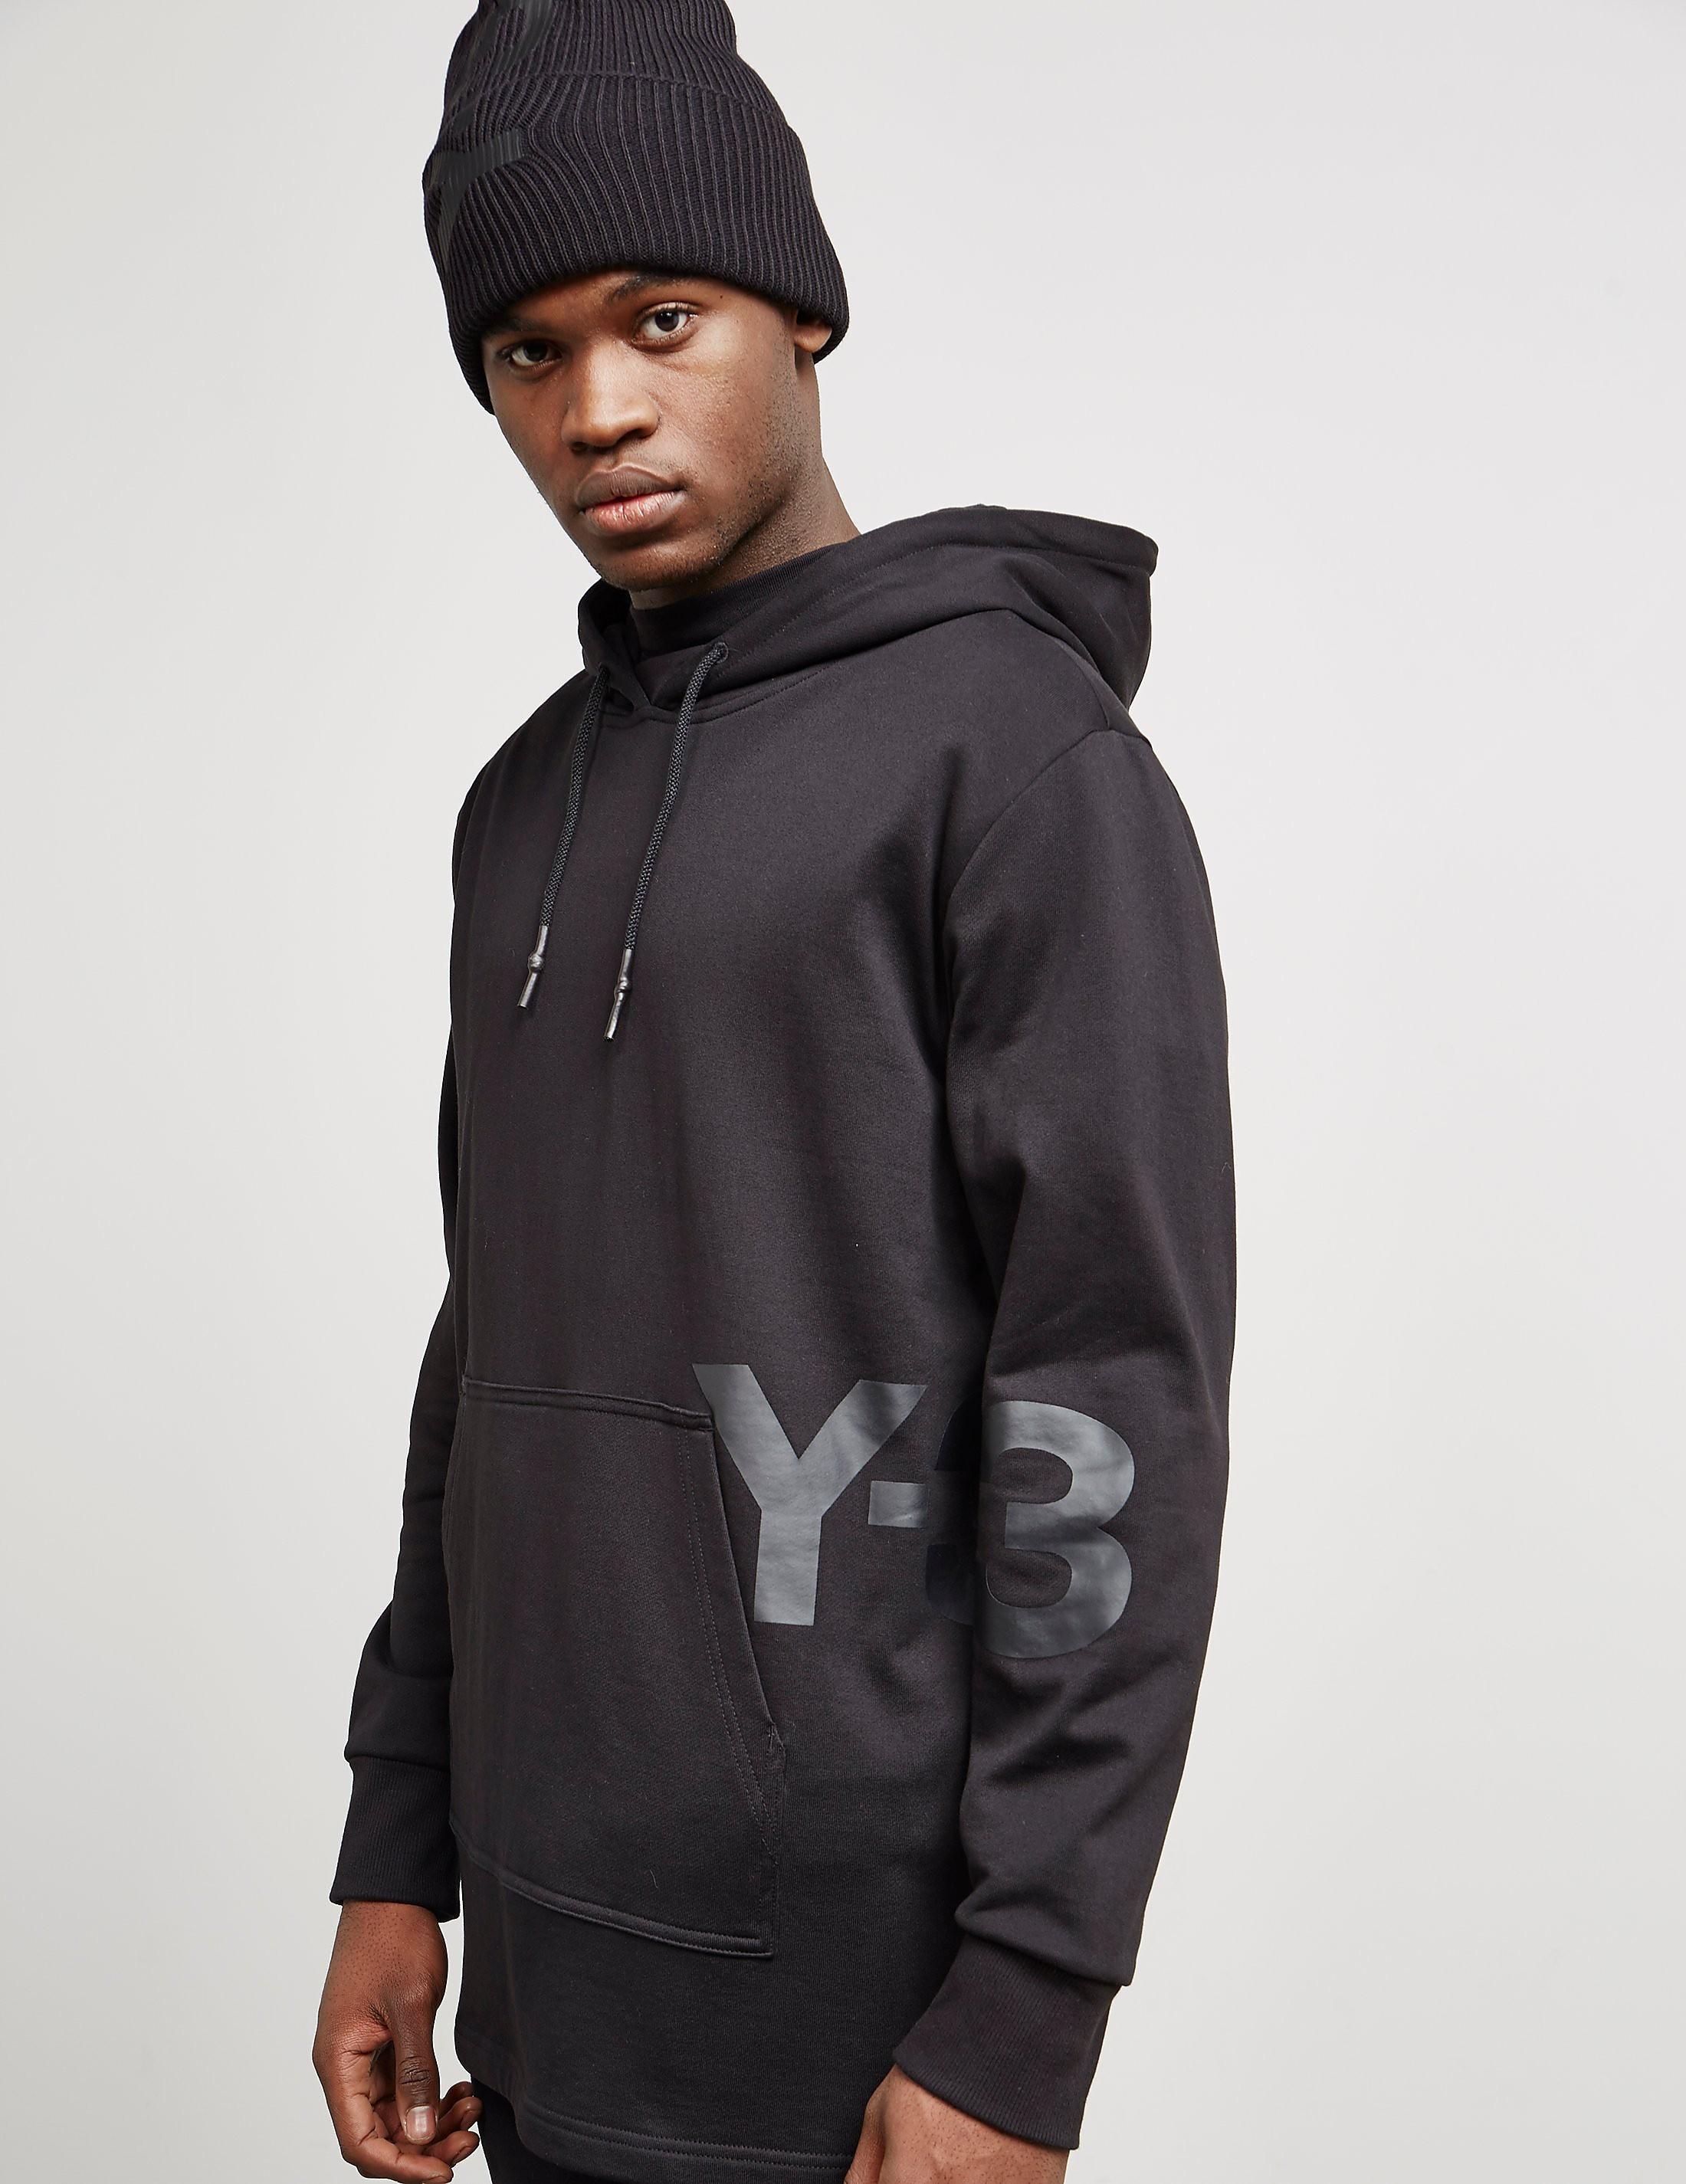 Y-3 Split Logo Hoody